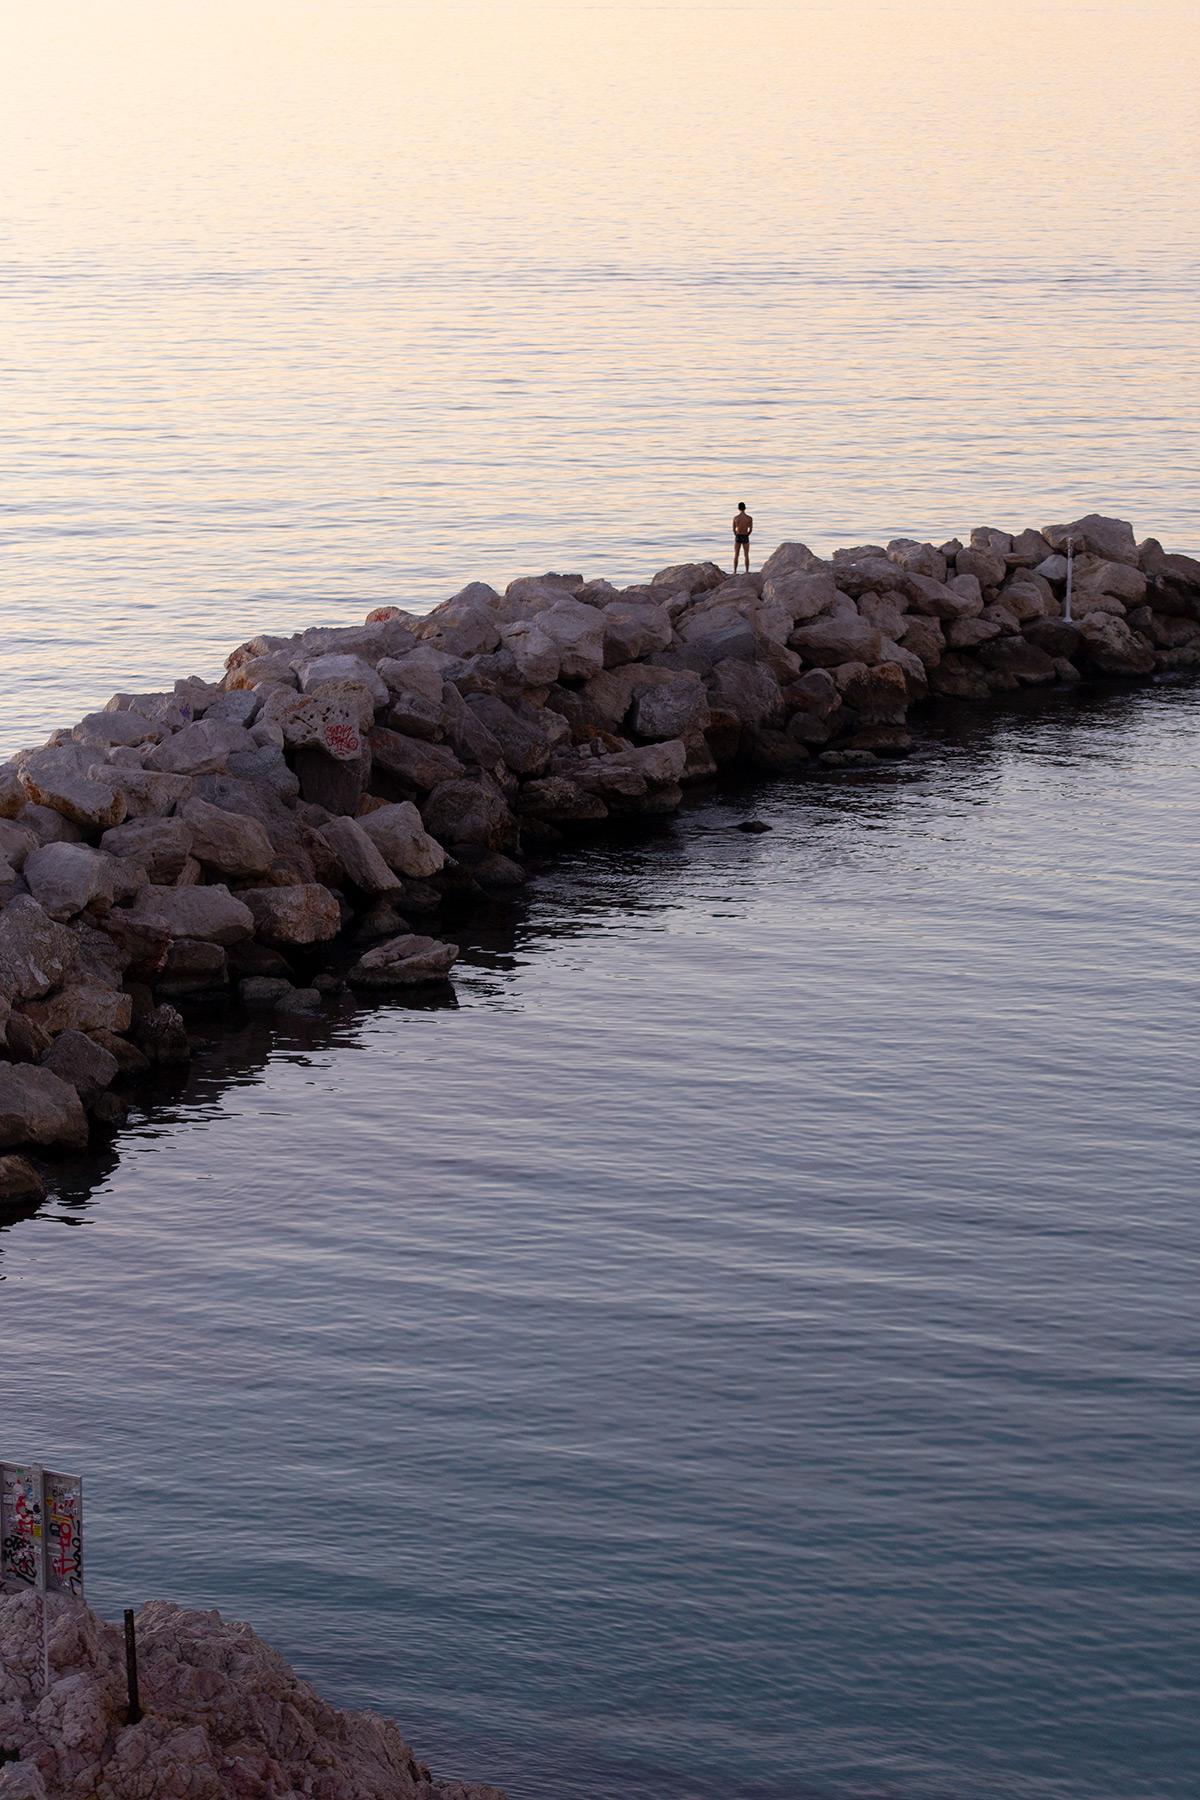 Photographie d'un coucher de soleil depuis la Corniche Kennedy à Marseille réalisée par la photographe Mathilde Troussard